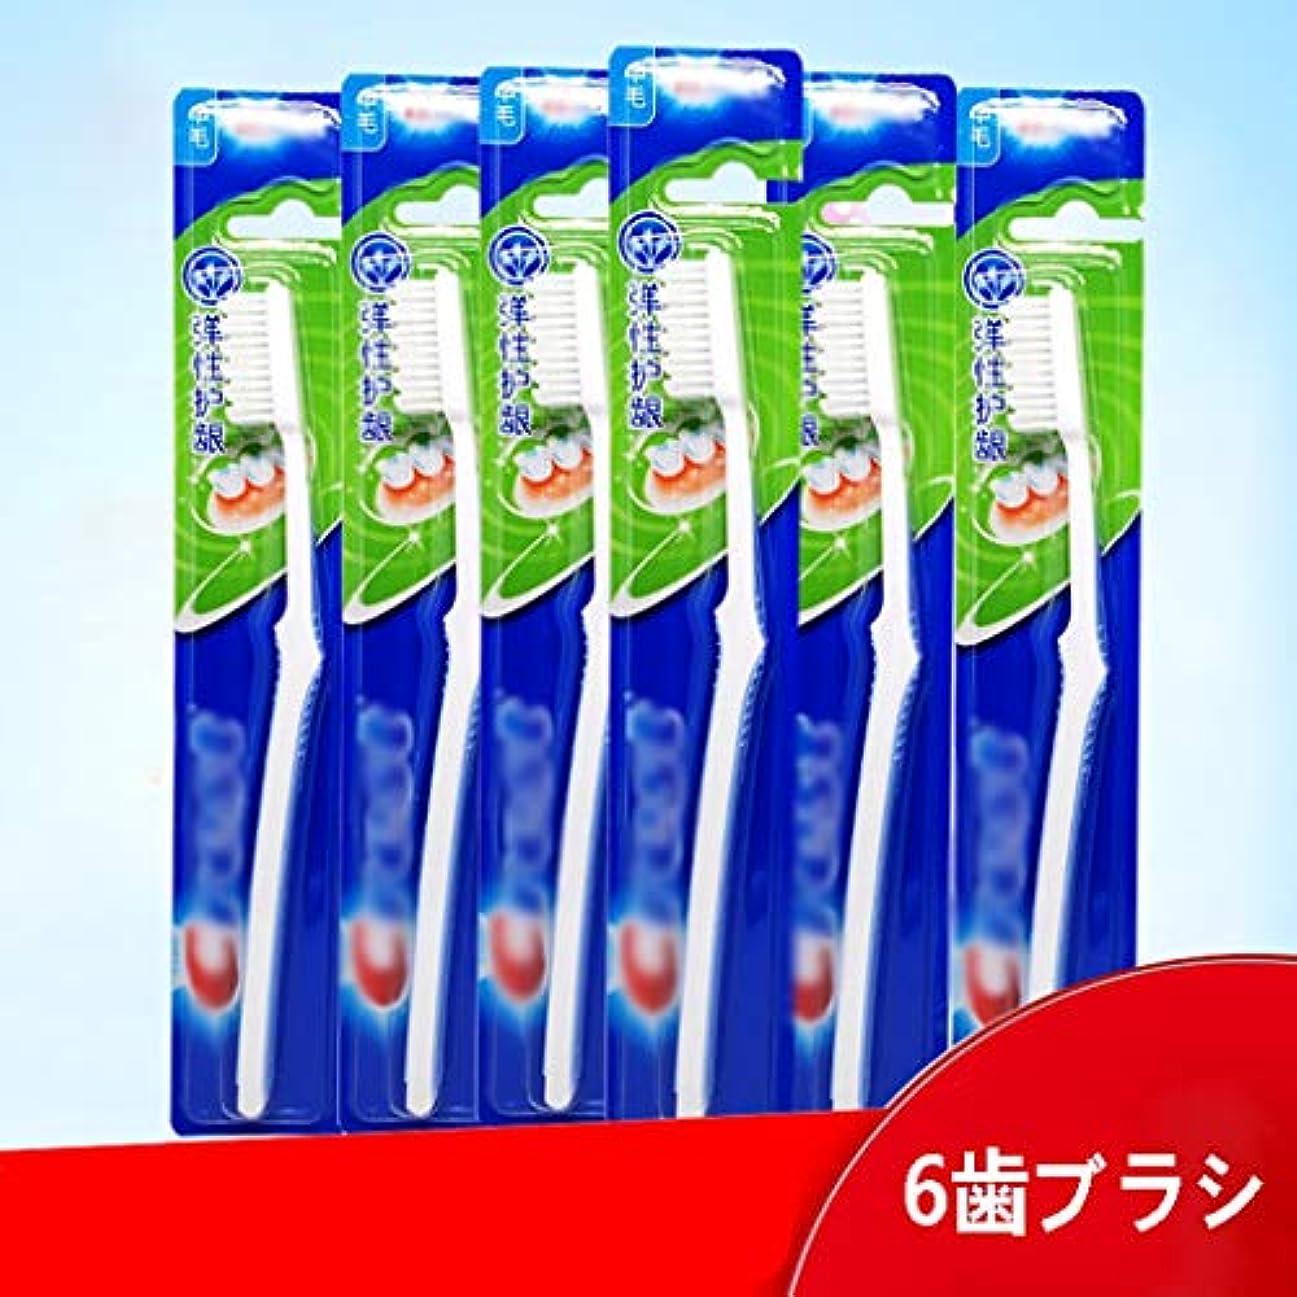 必要性ハッチ助けて超柔らかい歯ブラシ、歯ブラシCarryable、6パック(ランダムカラー)